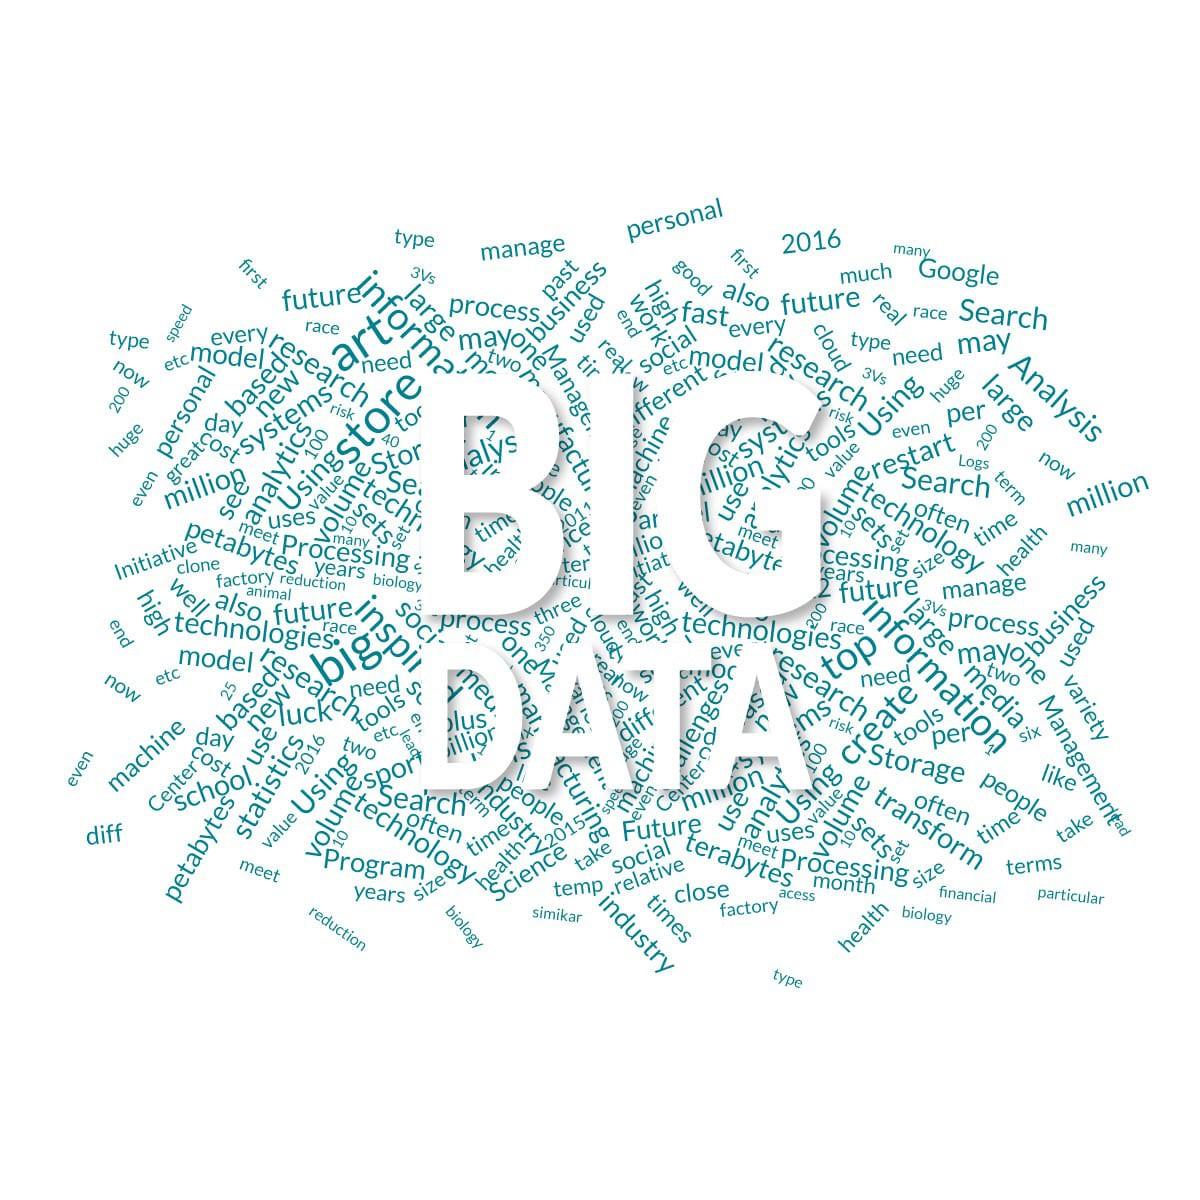 Significado de Bigdata con Tag Cloud